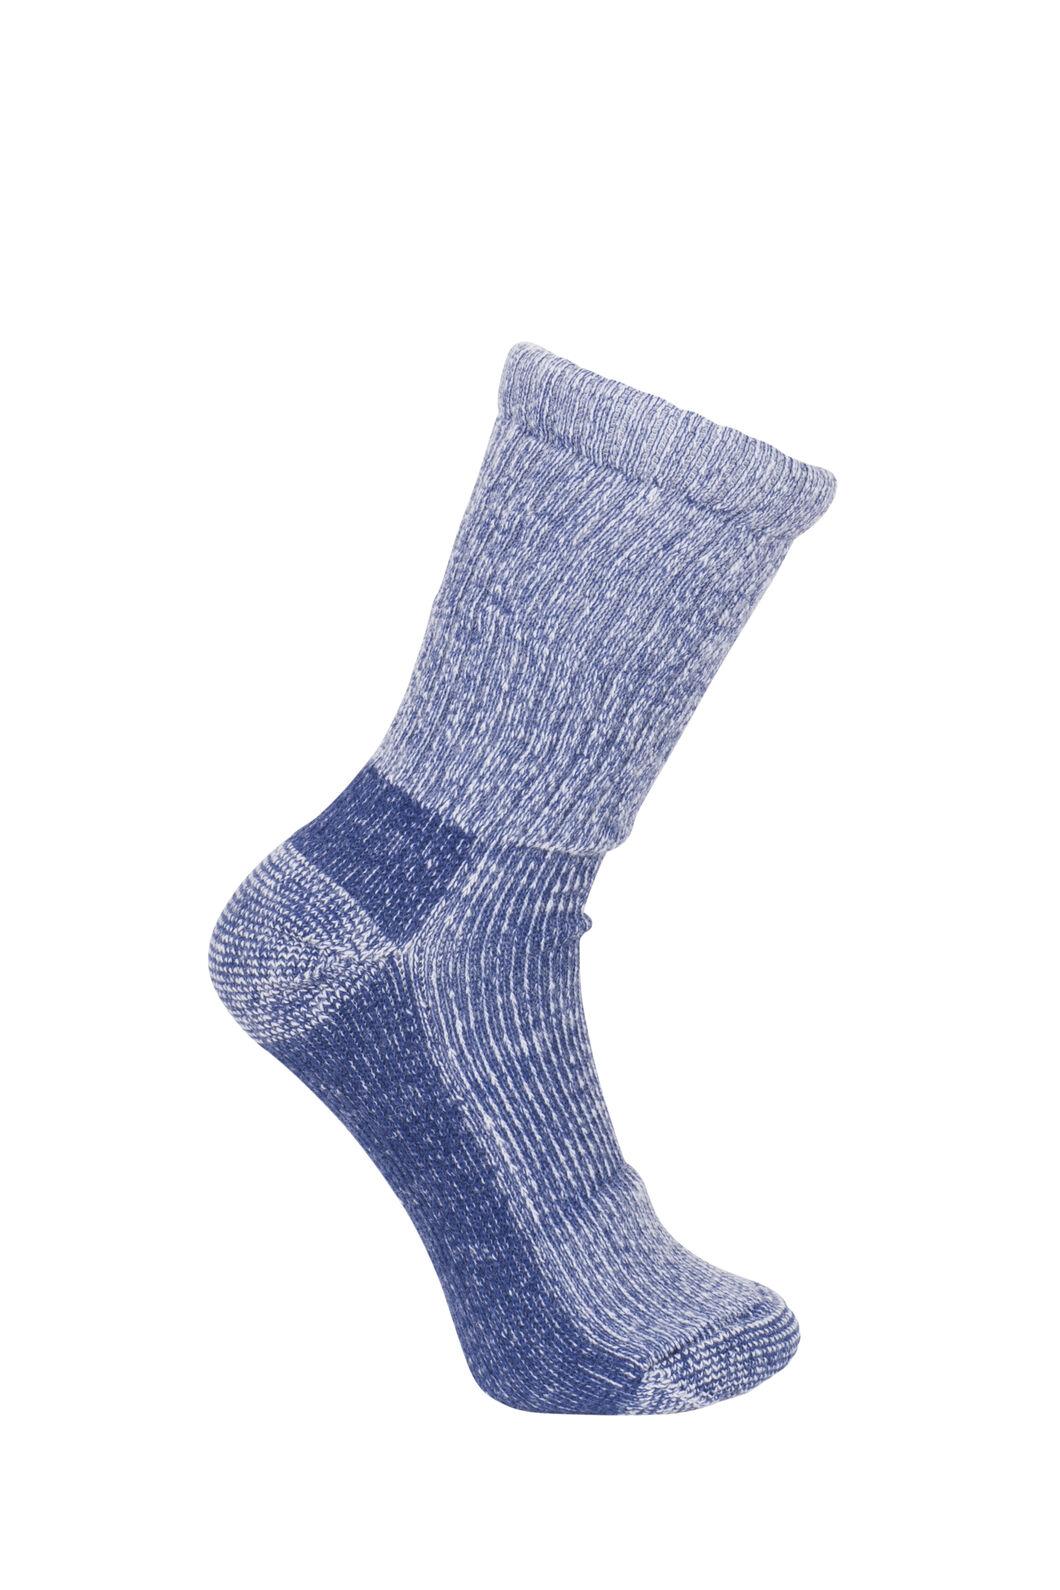 Macpac Winter Hiker Socks - Kids', Denim, hi-res